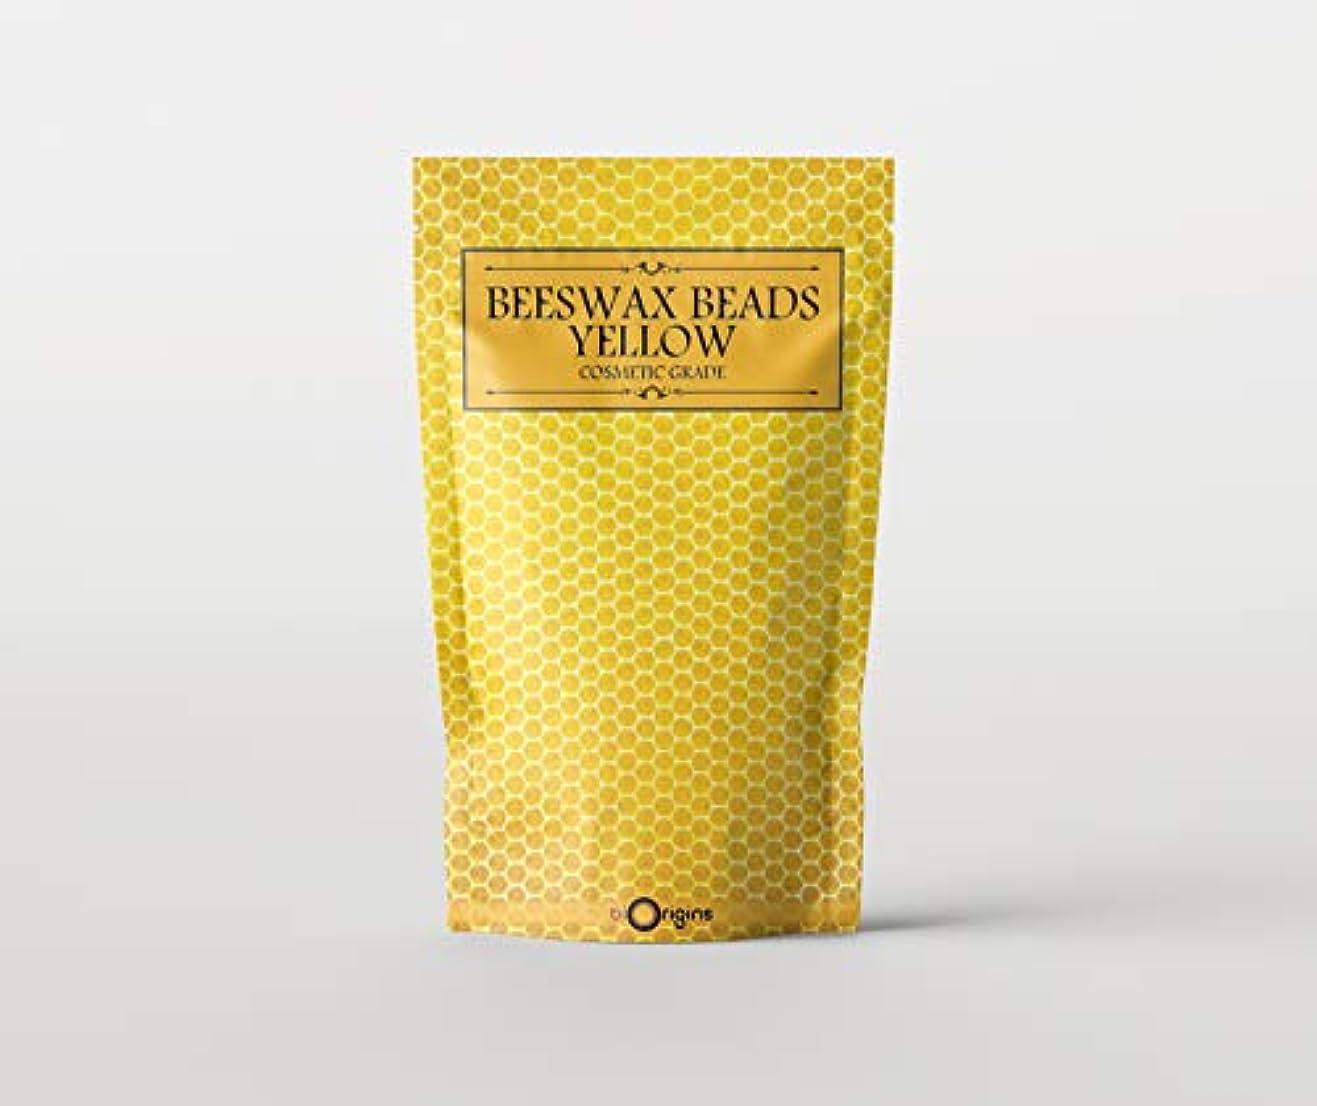 傾斜評論家ドアBeeswax Beads Yellow - Cosmetic Grade - 1Kg